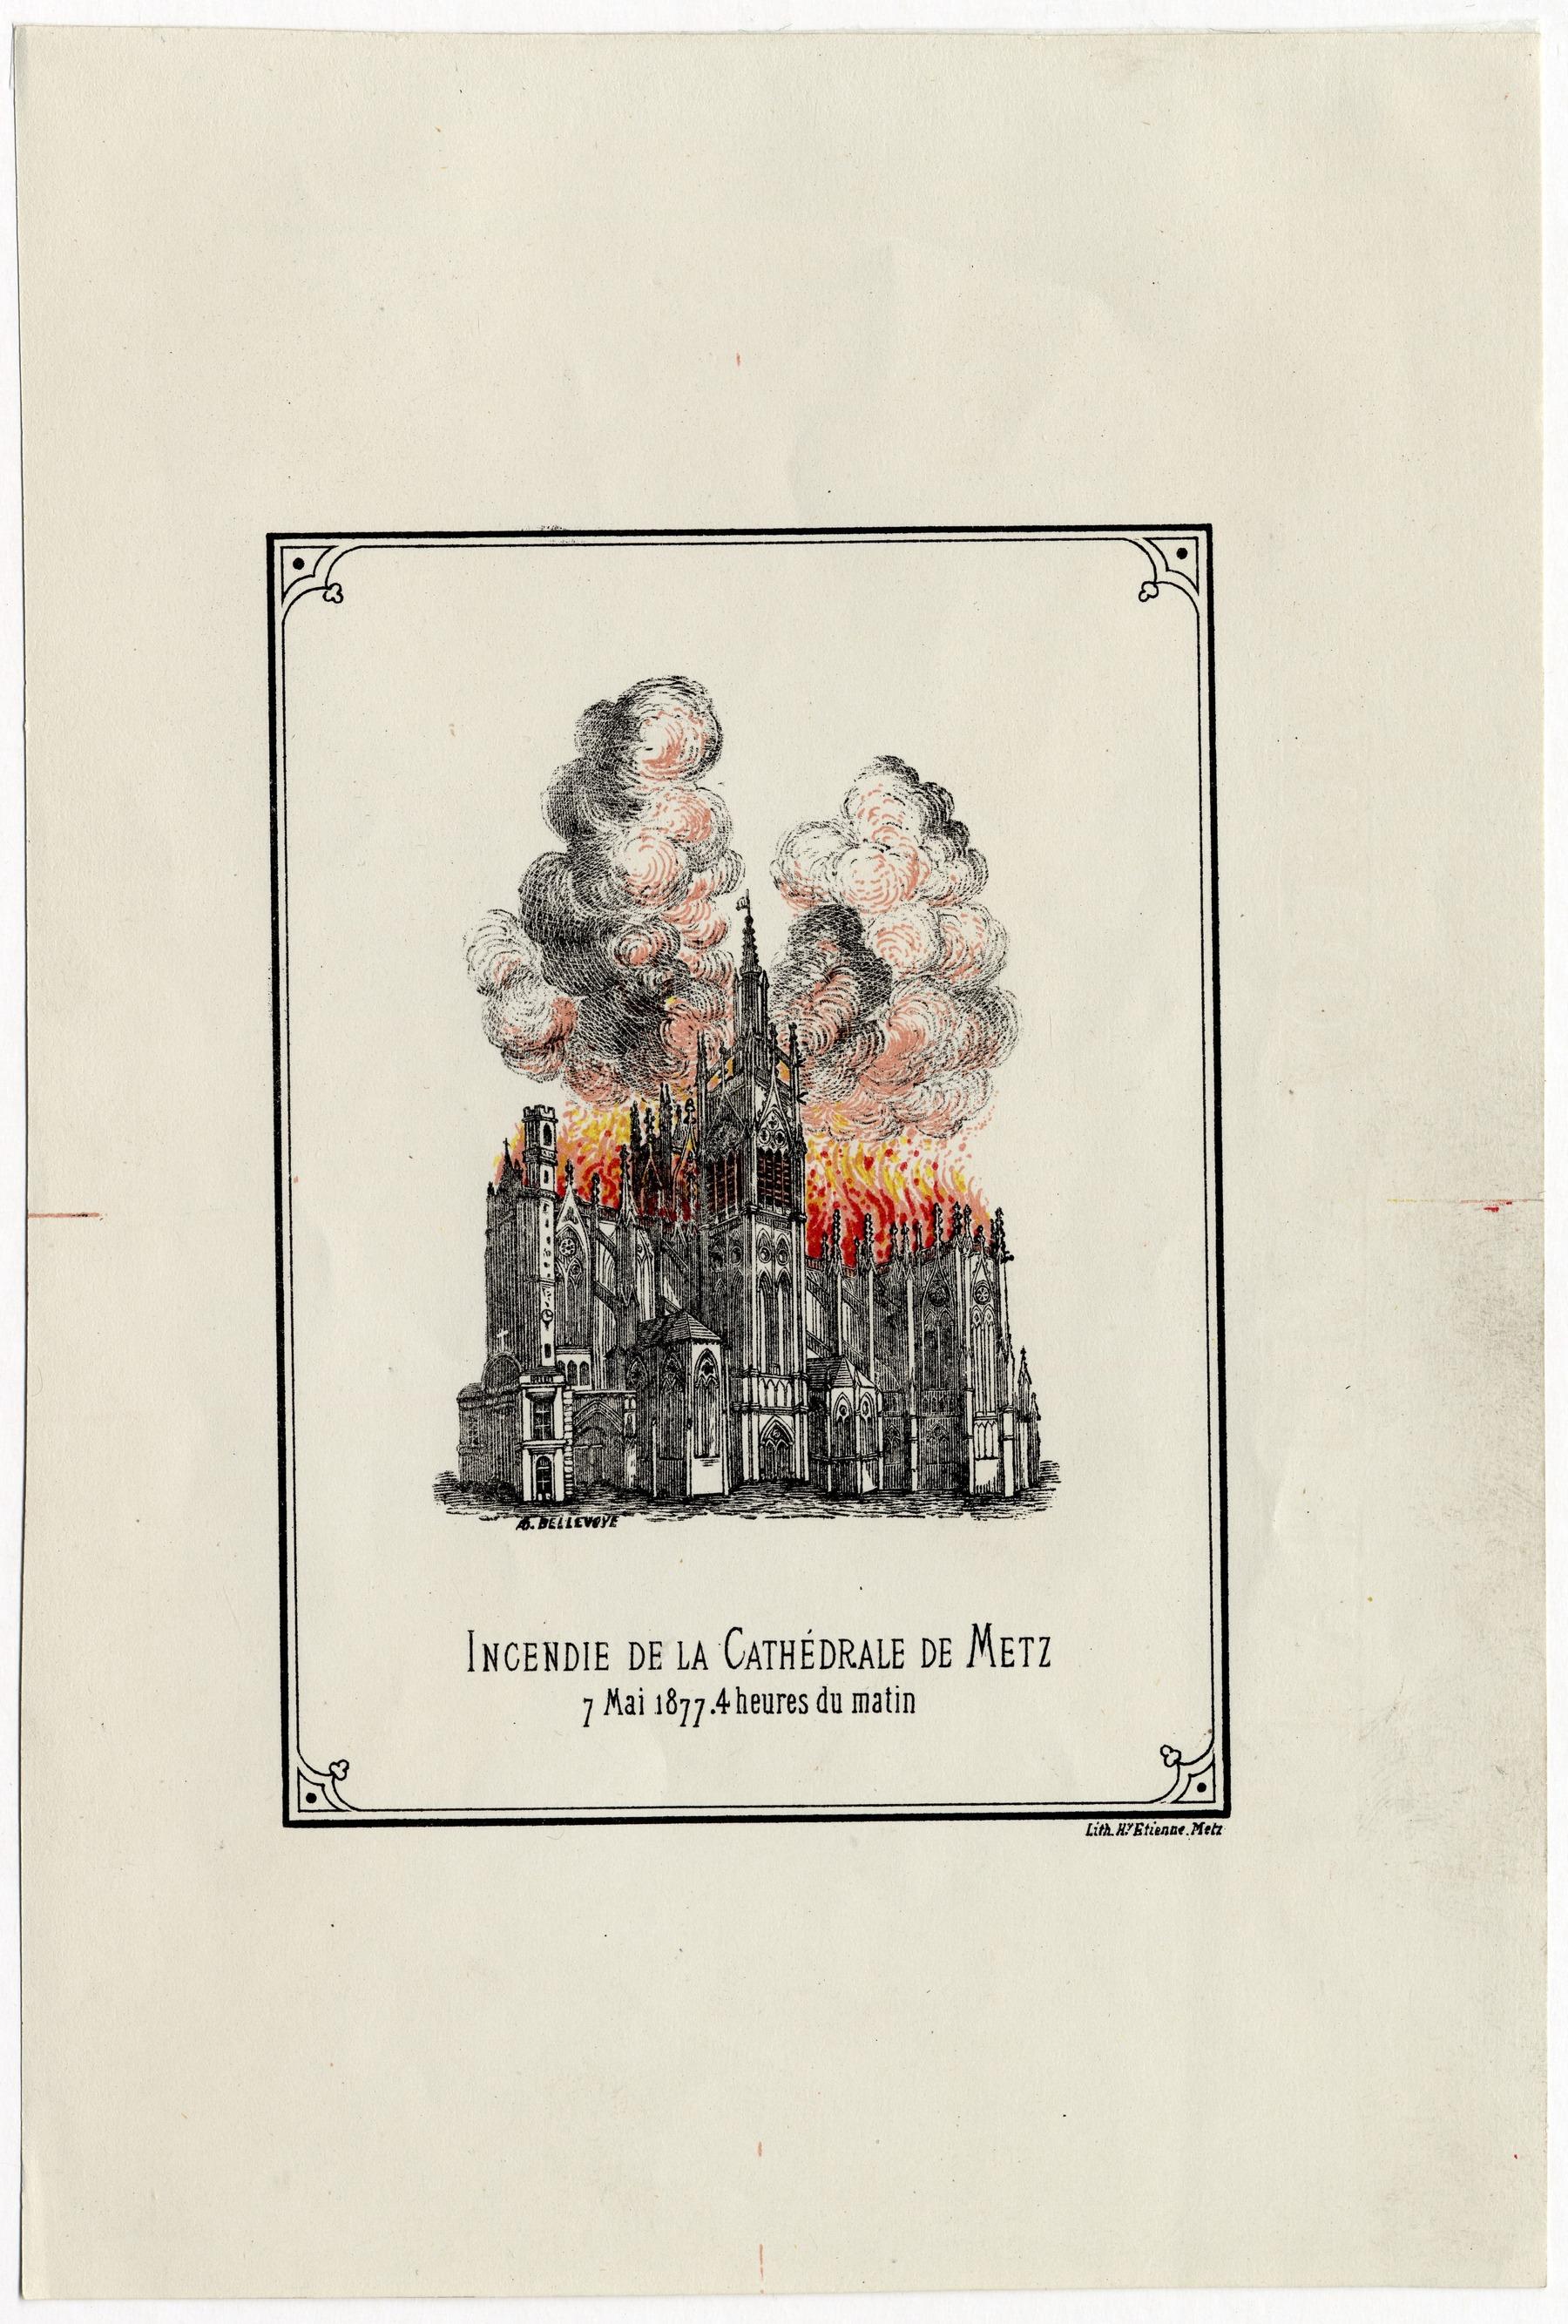 Contenu du Incendie de la cathédrale de Metz, 7 mai 1877, 4 heures du matin